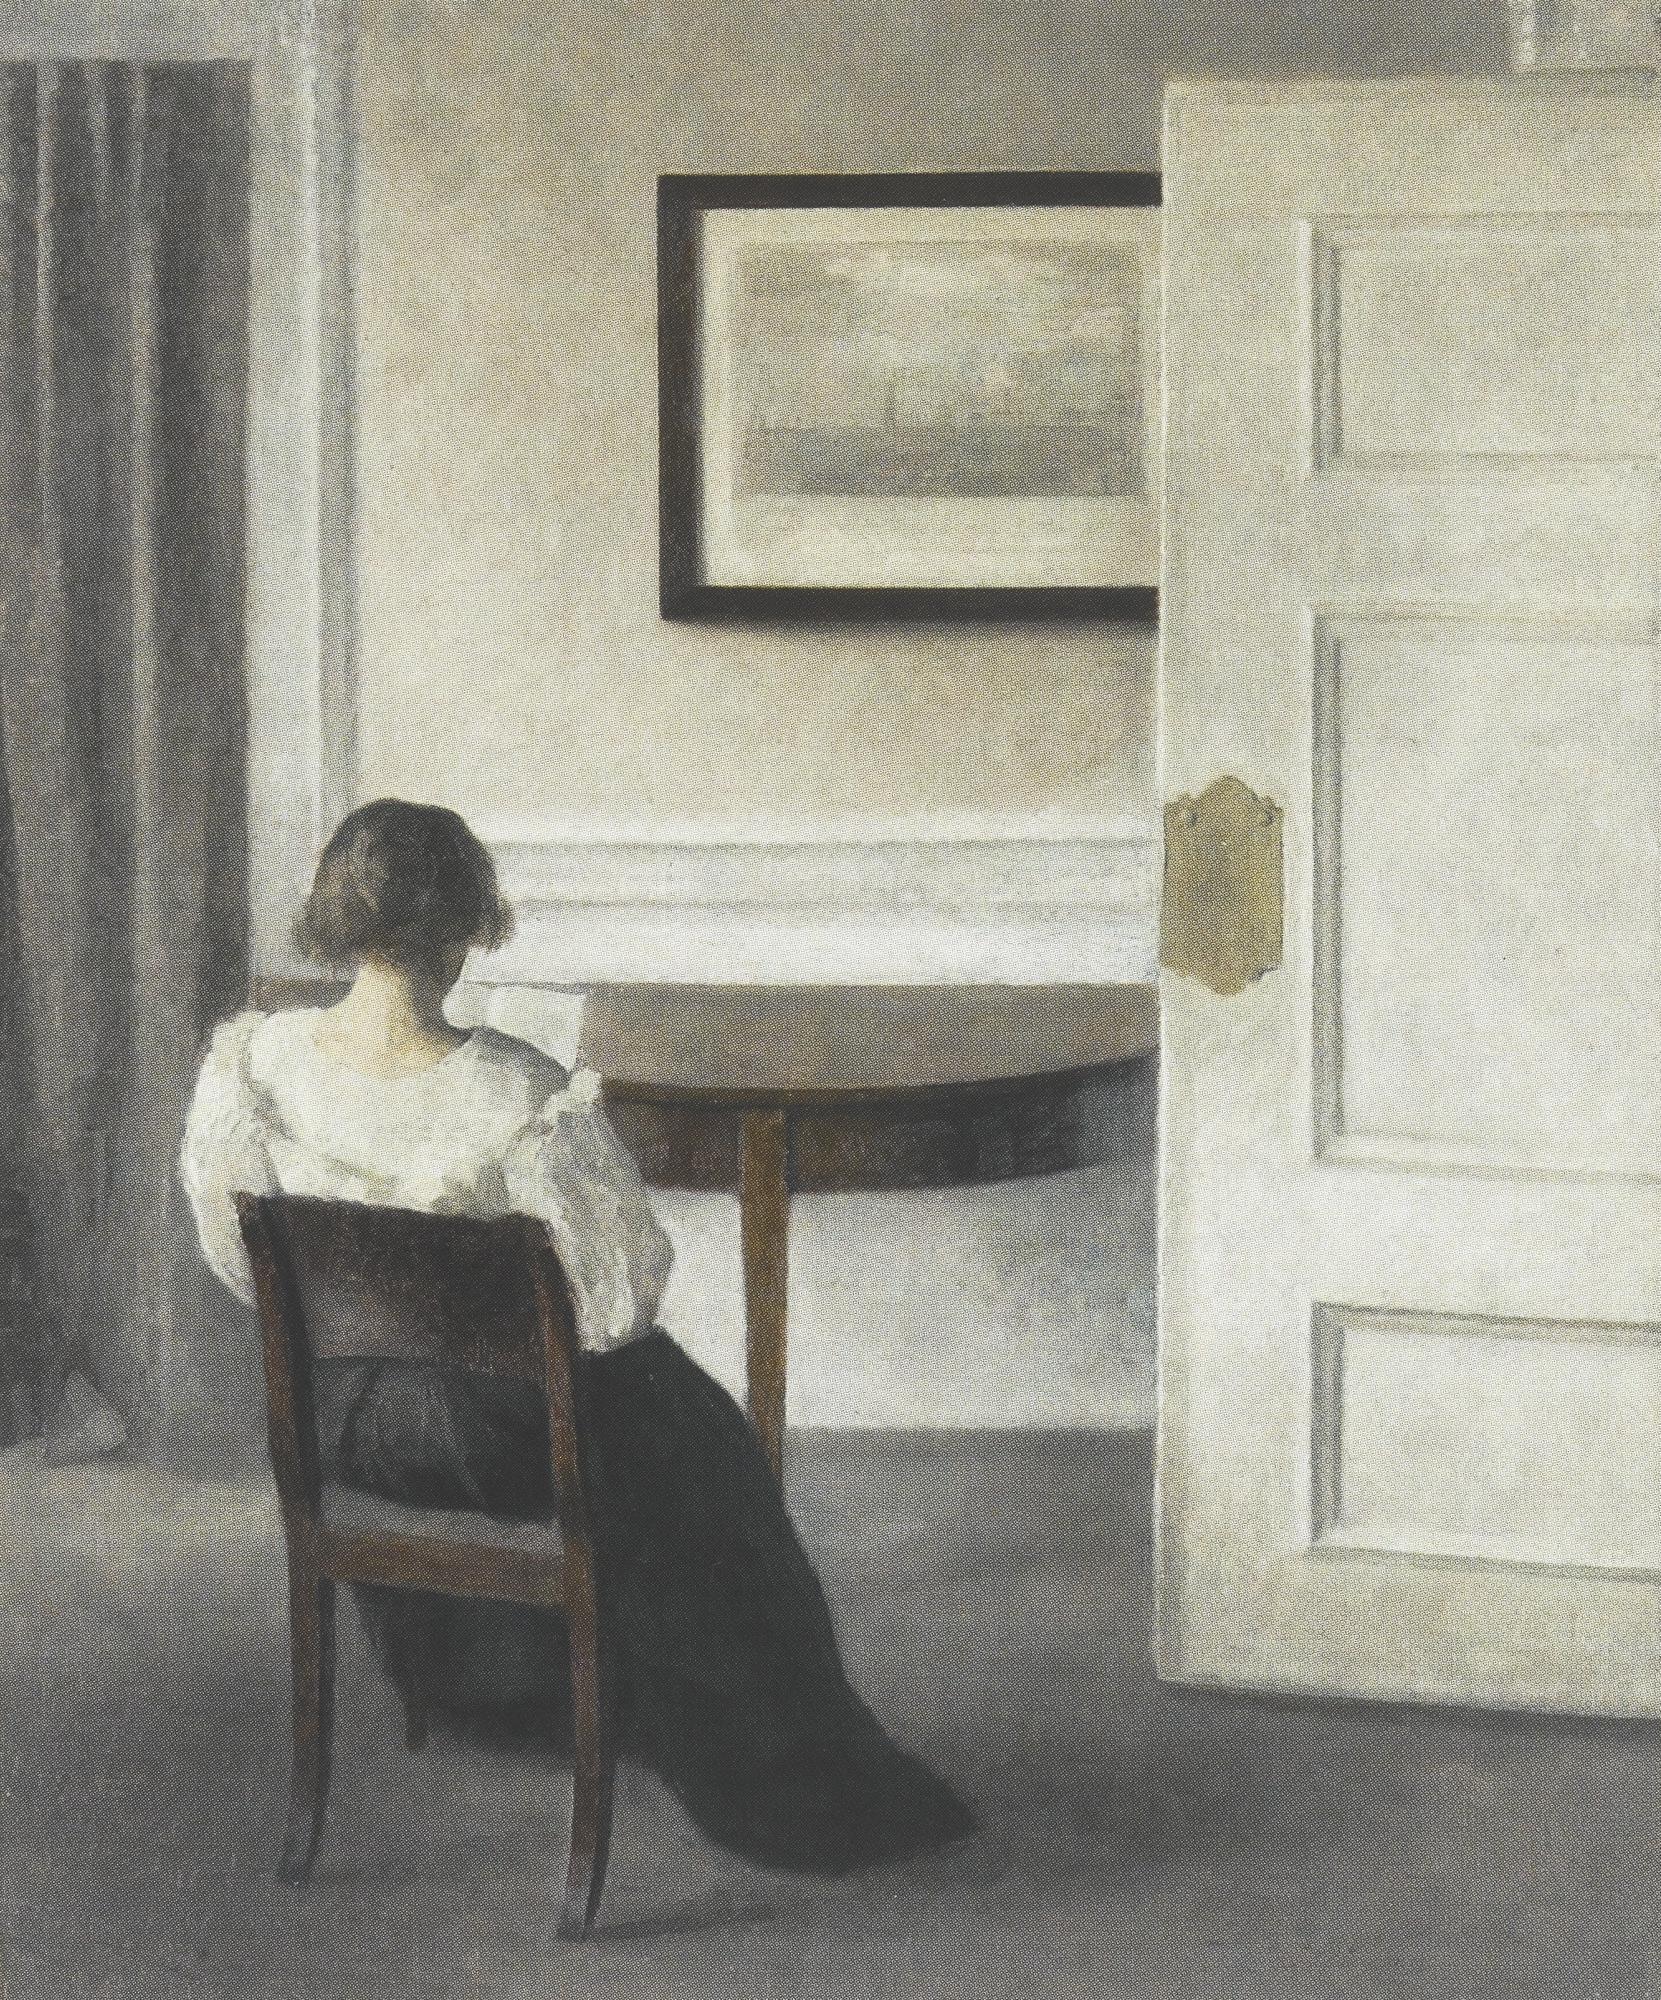 File:Vilhelm Hammershøi - Stue. Ida sidder og læser - 1893.png ...